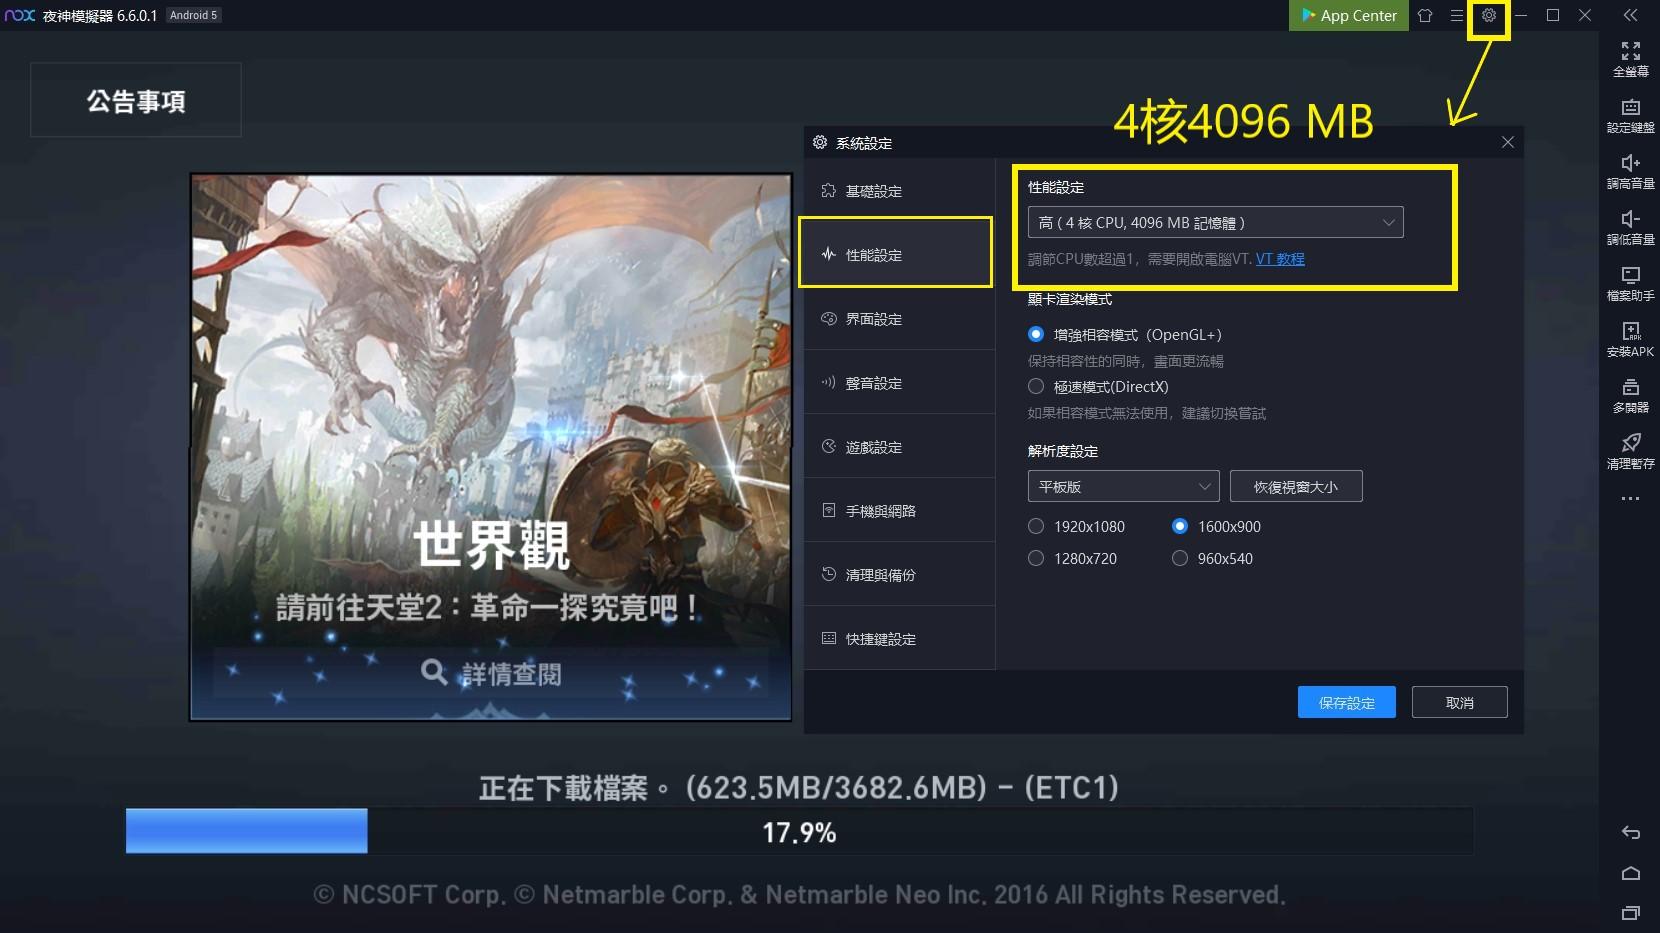 《天堂2:革命》登入loading時間過長解決方法 – 夜神模擬器-在電腦上玩安卓手機遊戲的軟體–安卓遊戲電腦版